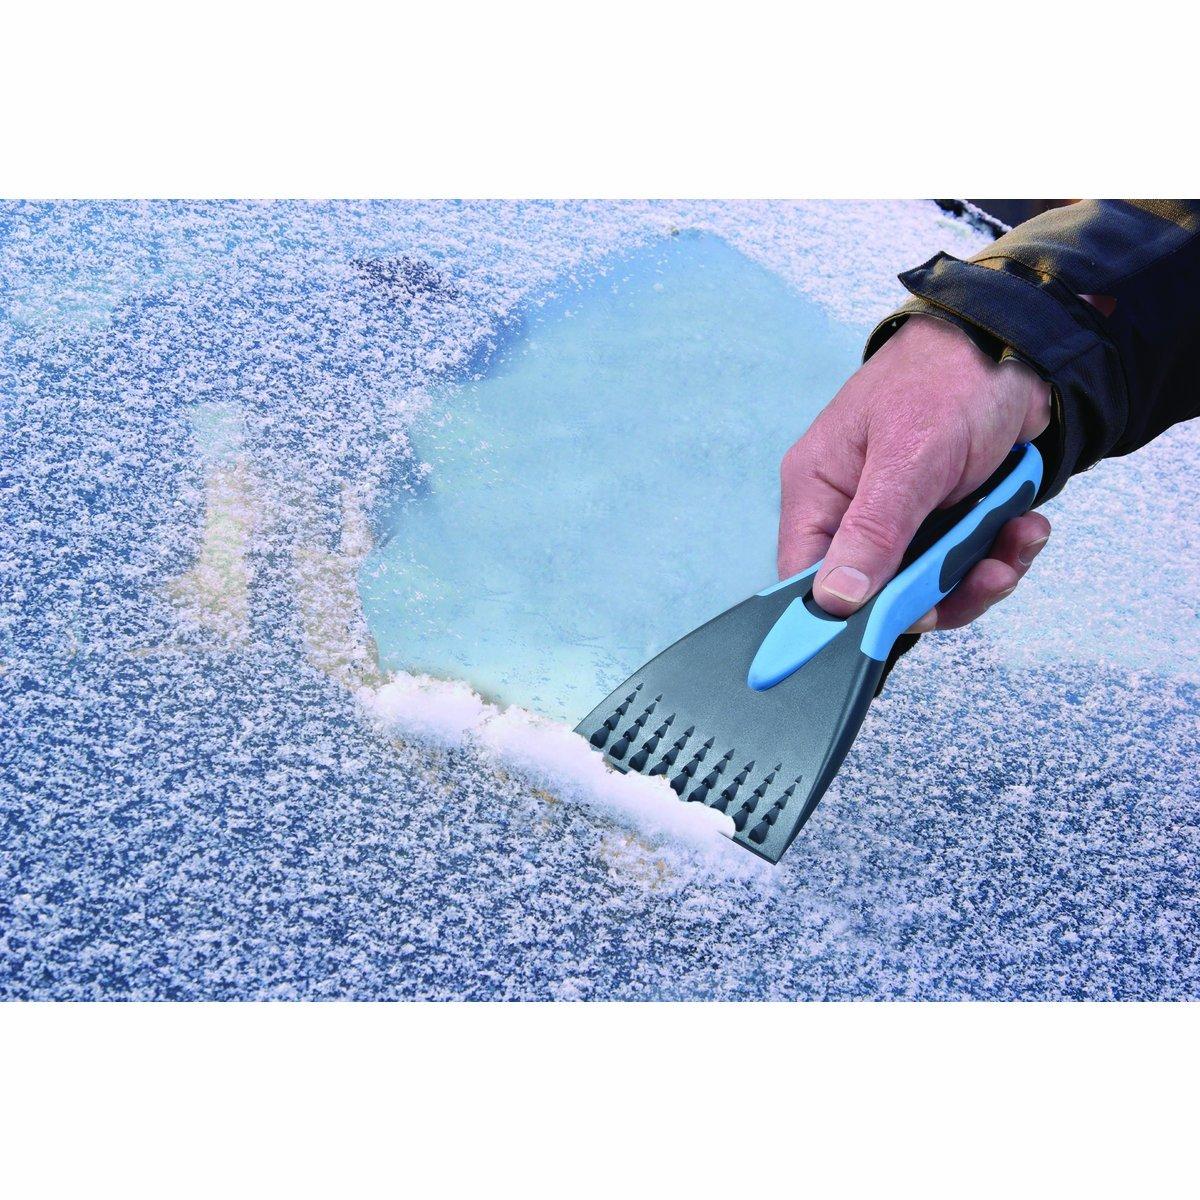 Best Car Windscreen Ice Scraper The Car Stuff